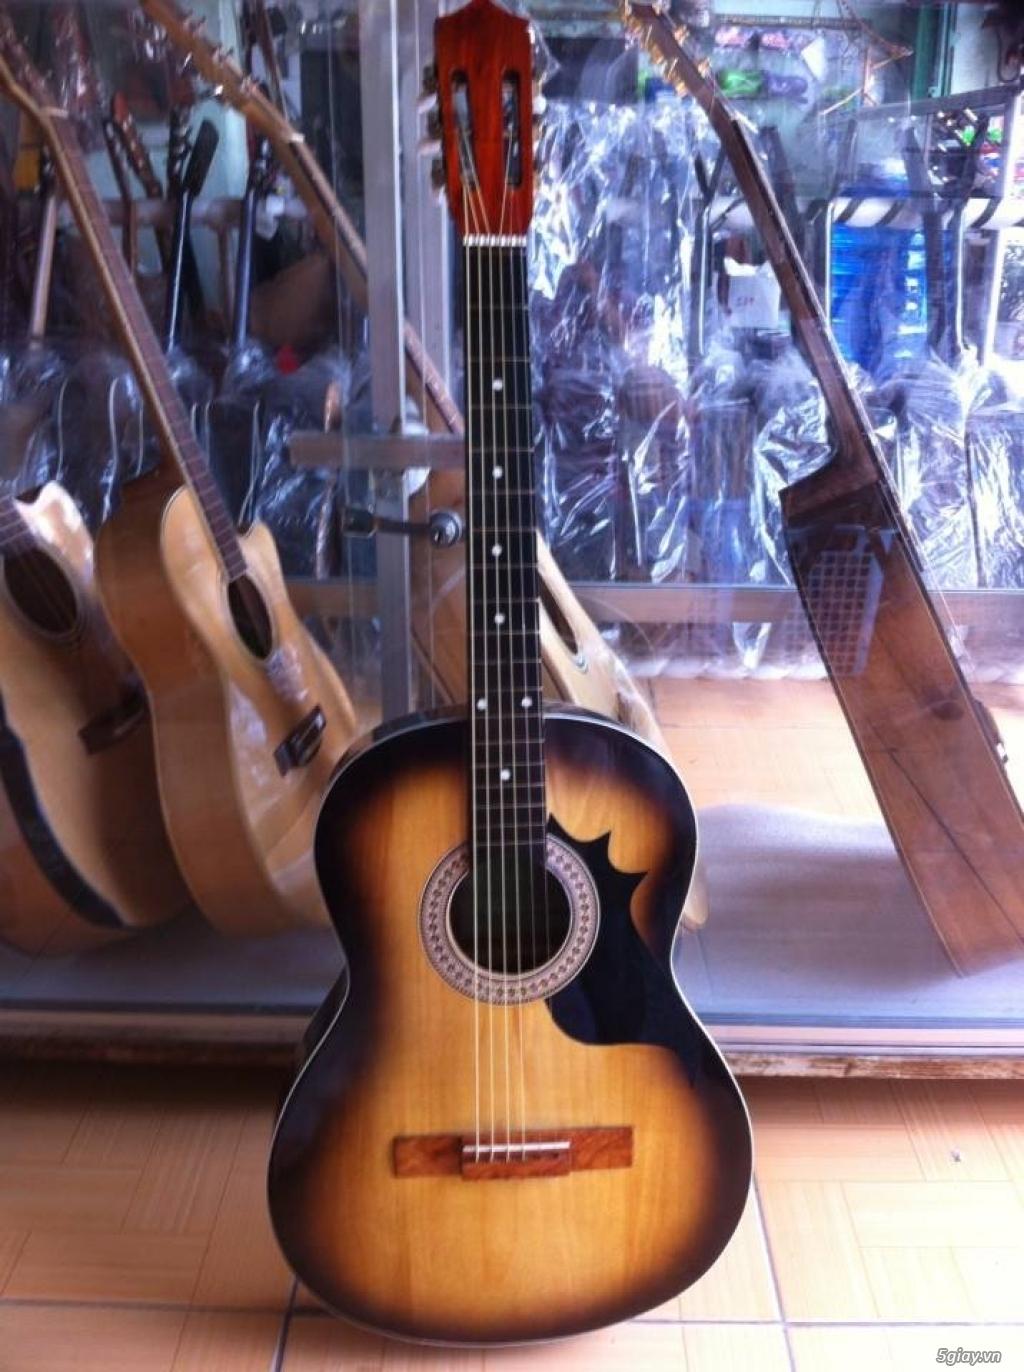 bán Đàn Guitar Giá Rẻ từ 390k tại cửa hàng nhạc cụ mới Bình Dương - 12